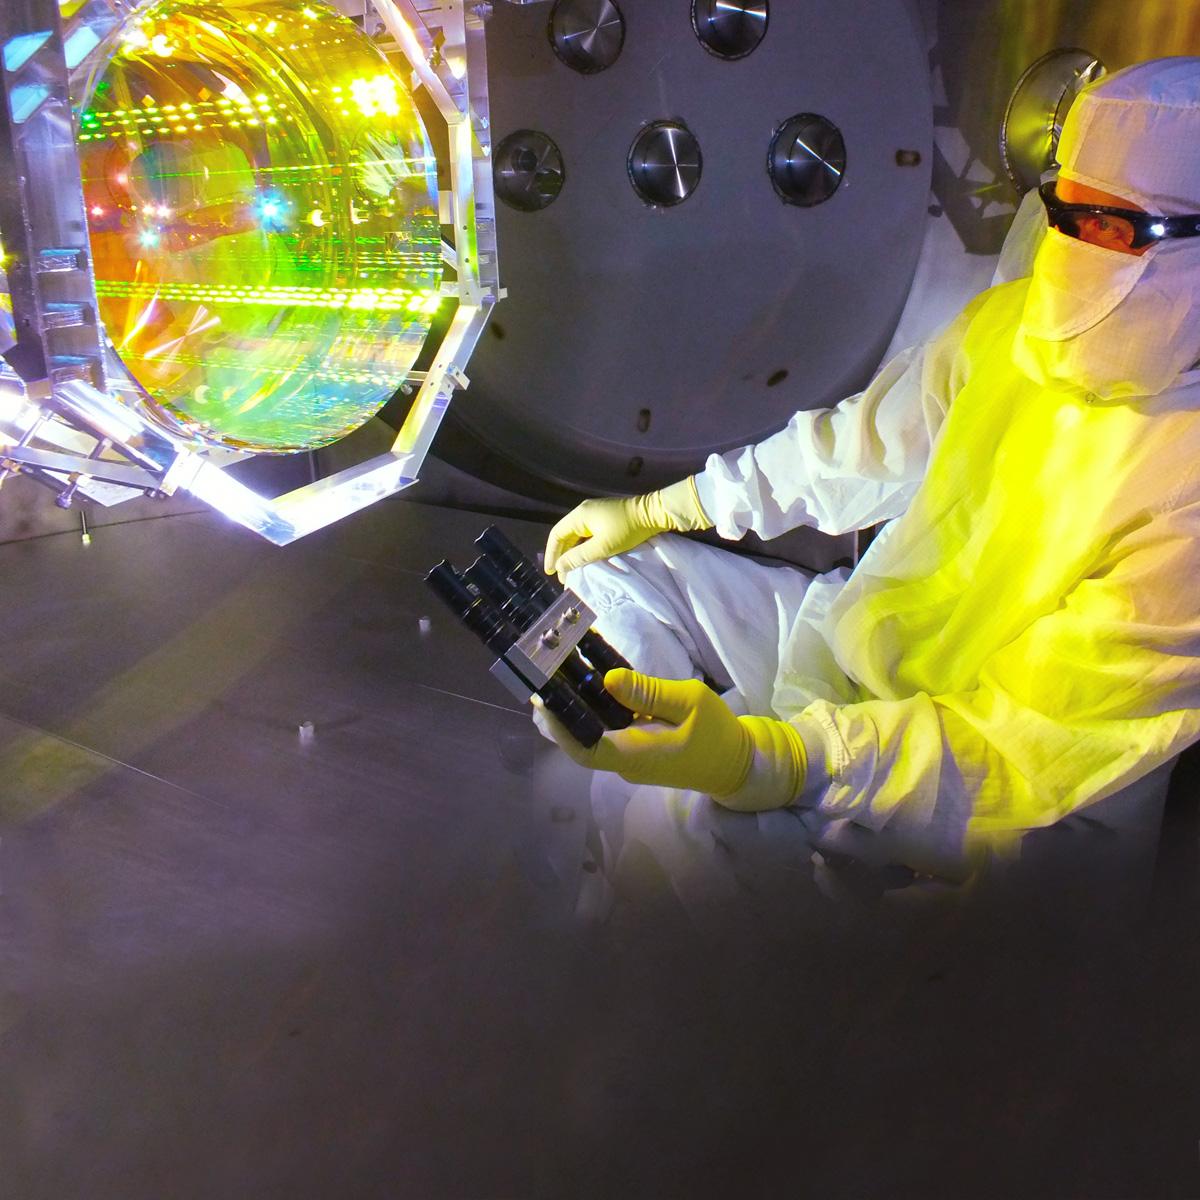 https://www.einstein-online.info/wp-content/uploads/Vertiefungsthemen_Gravitationswellen_9_Aligo_©_Matt_Heintze_Caltech_MIT_LIGO_Lab-4.jpg